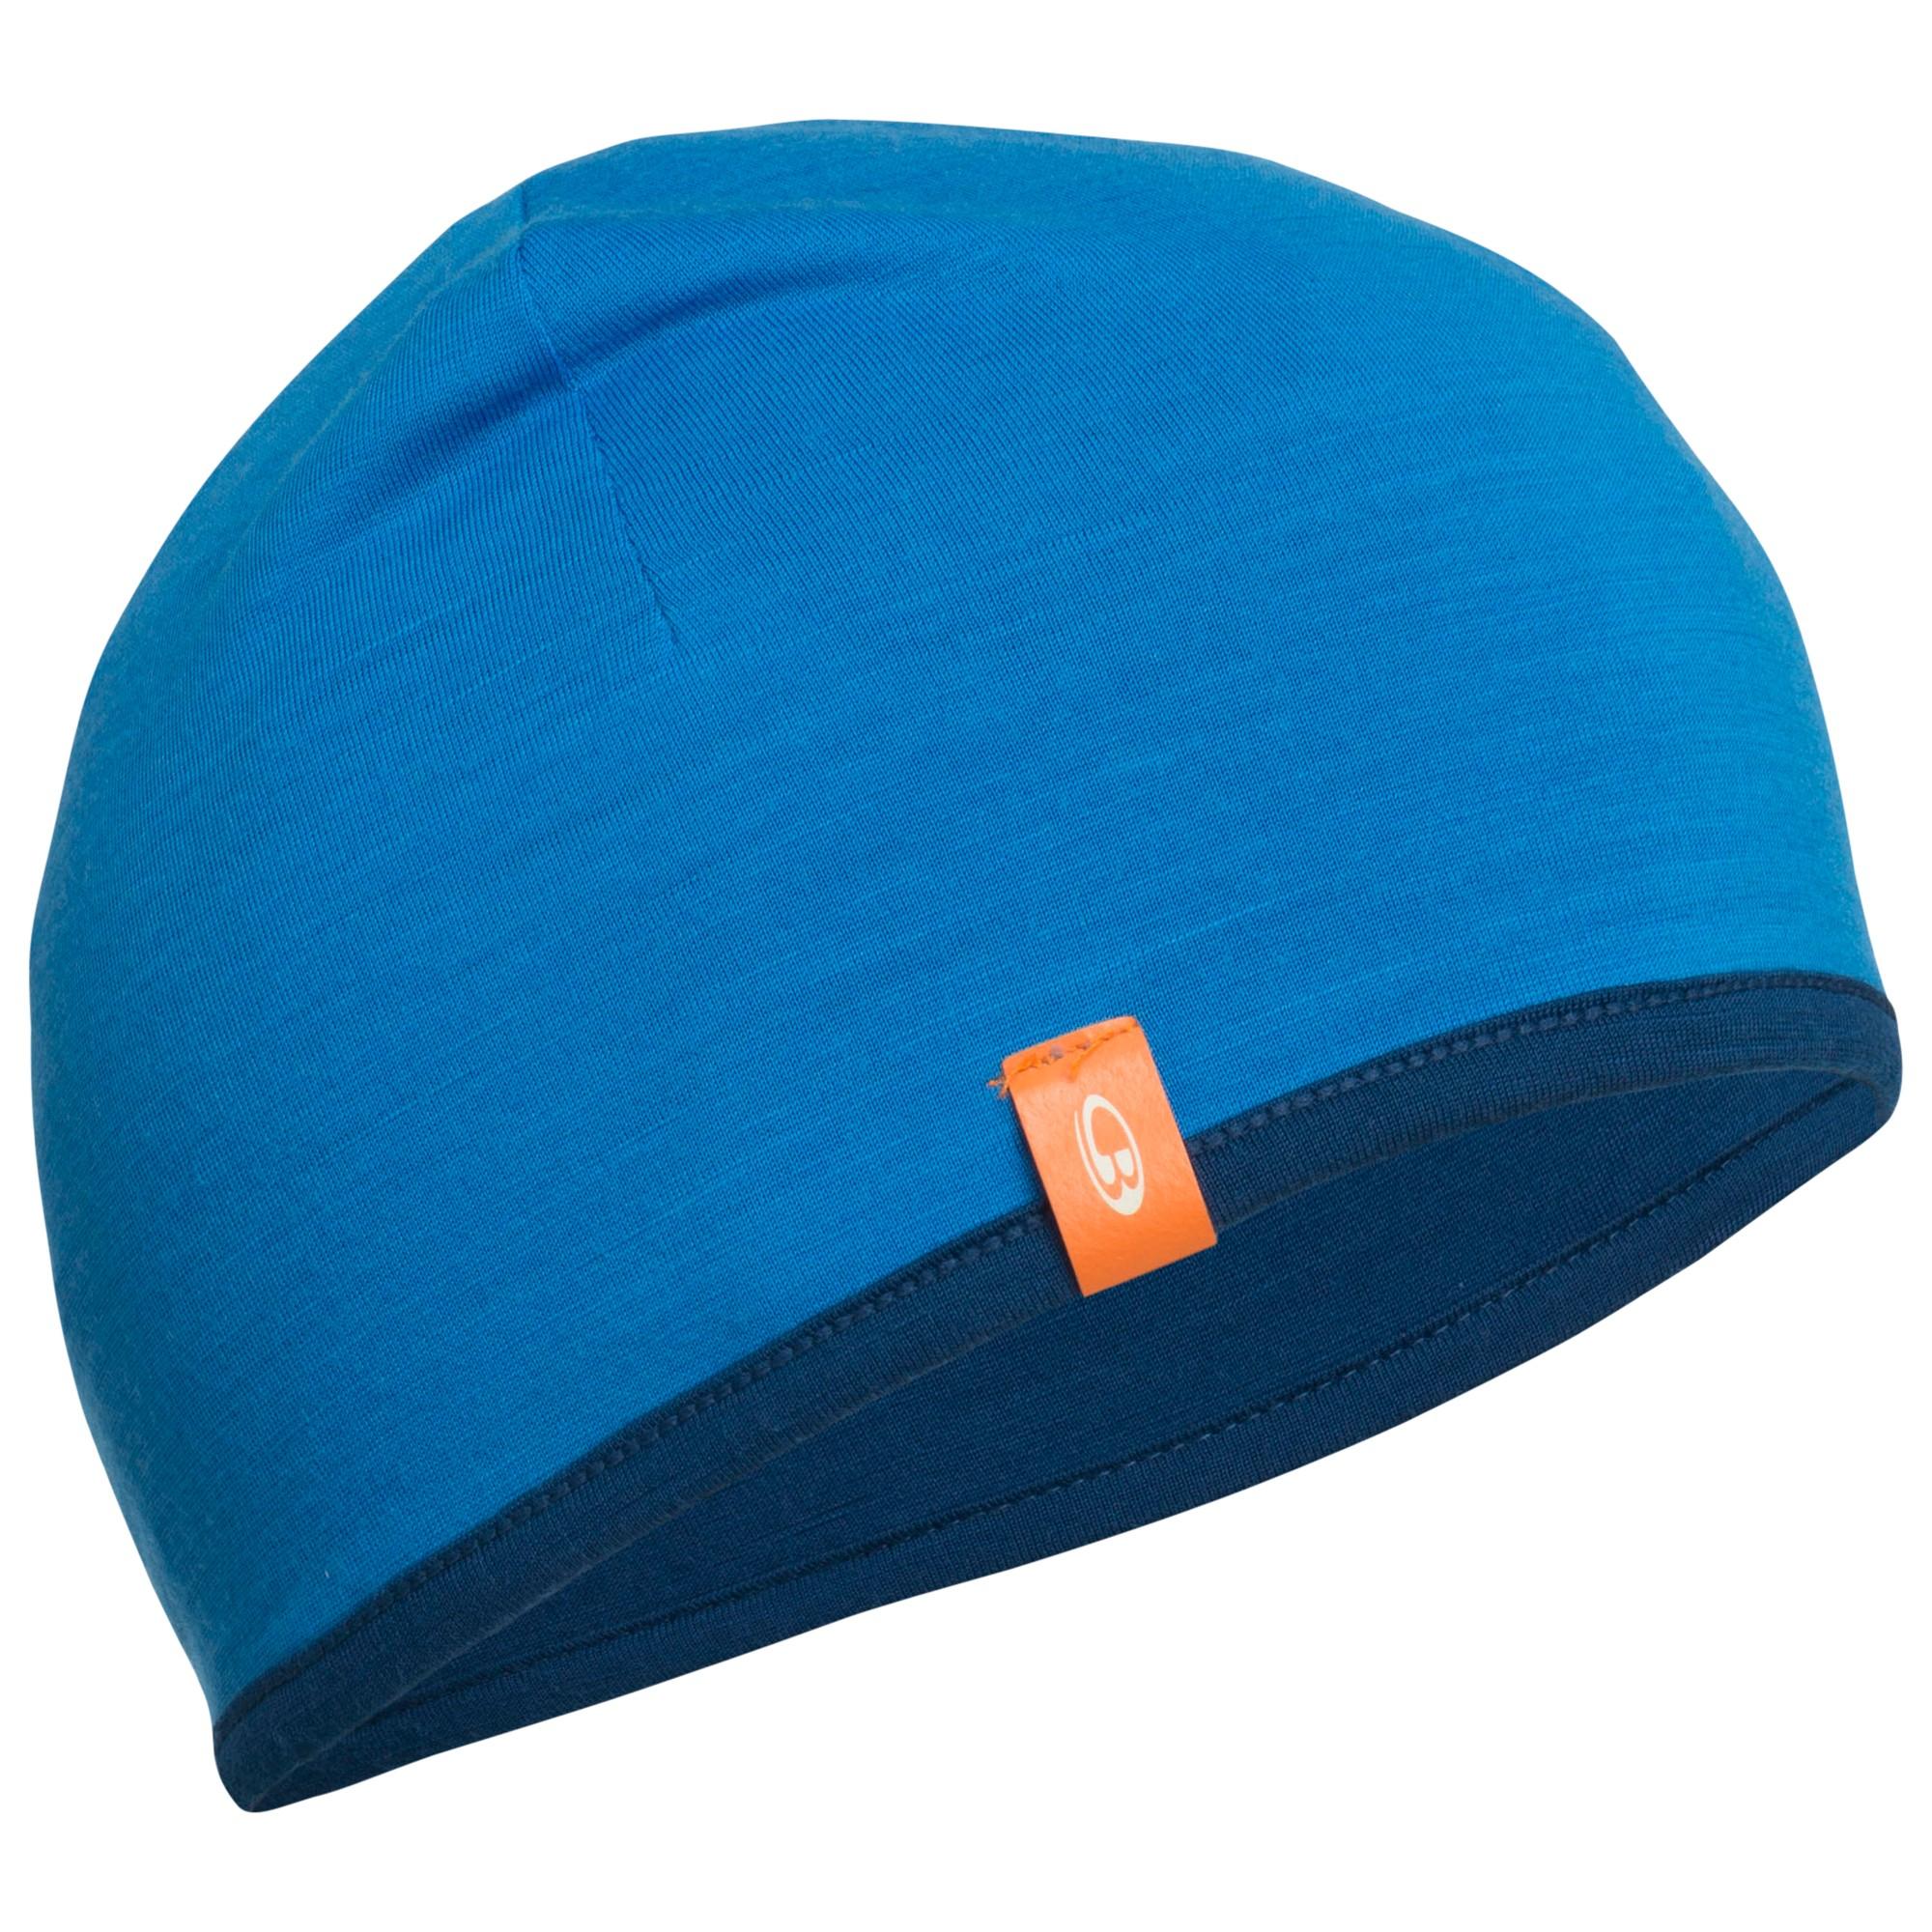 242649566c4 Icebreaker Pocket 200 Beanie Hat in Blue for Men - Lyst